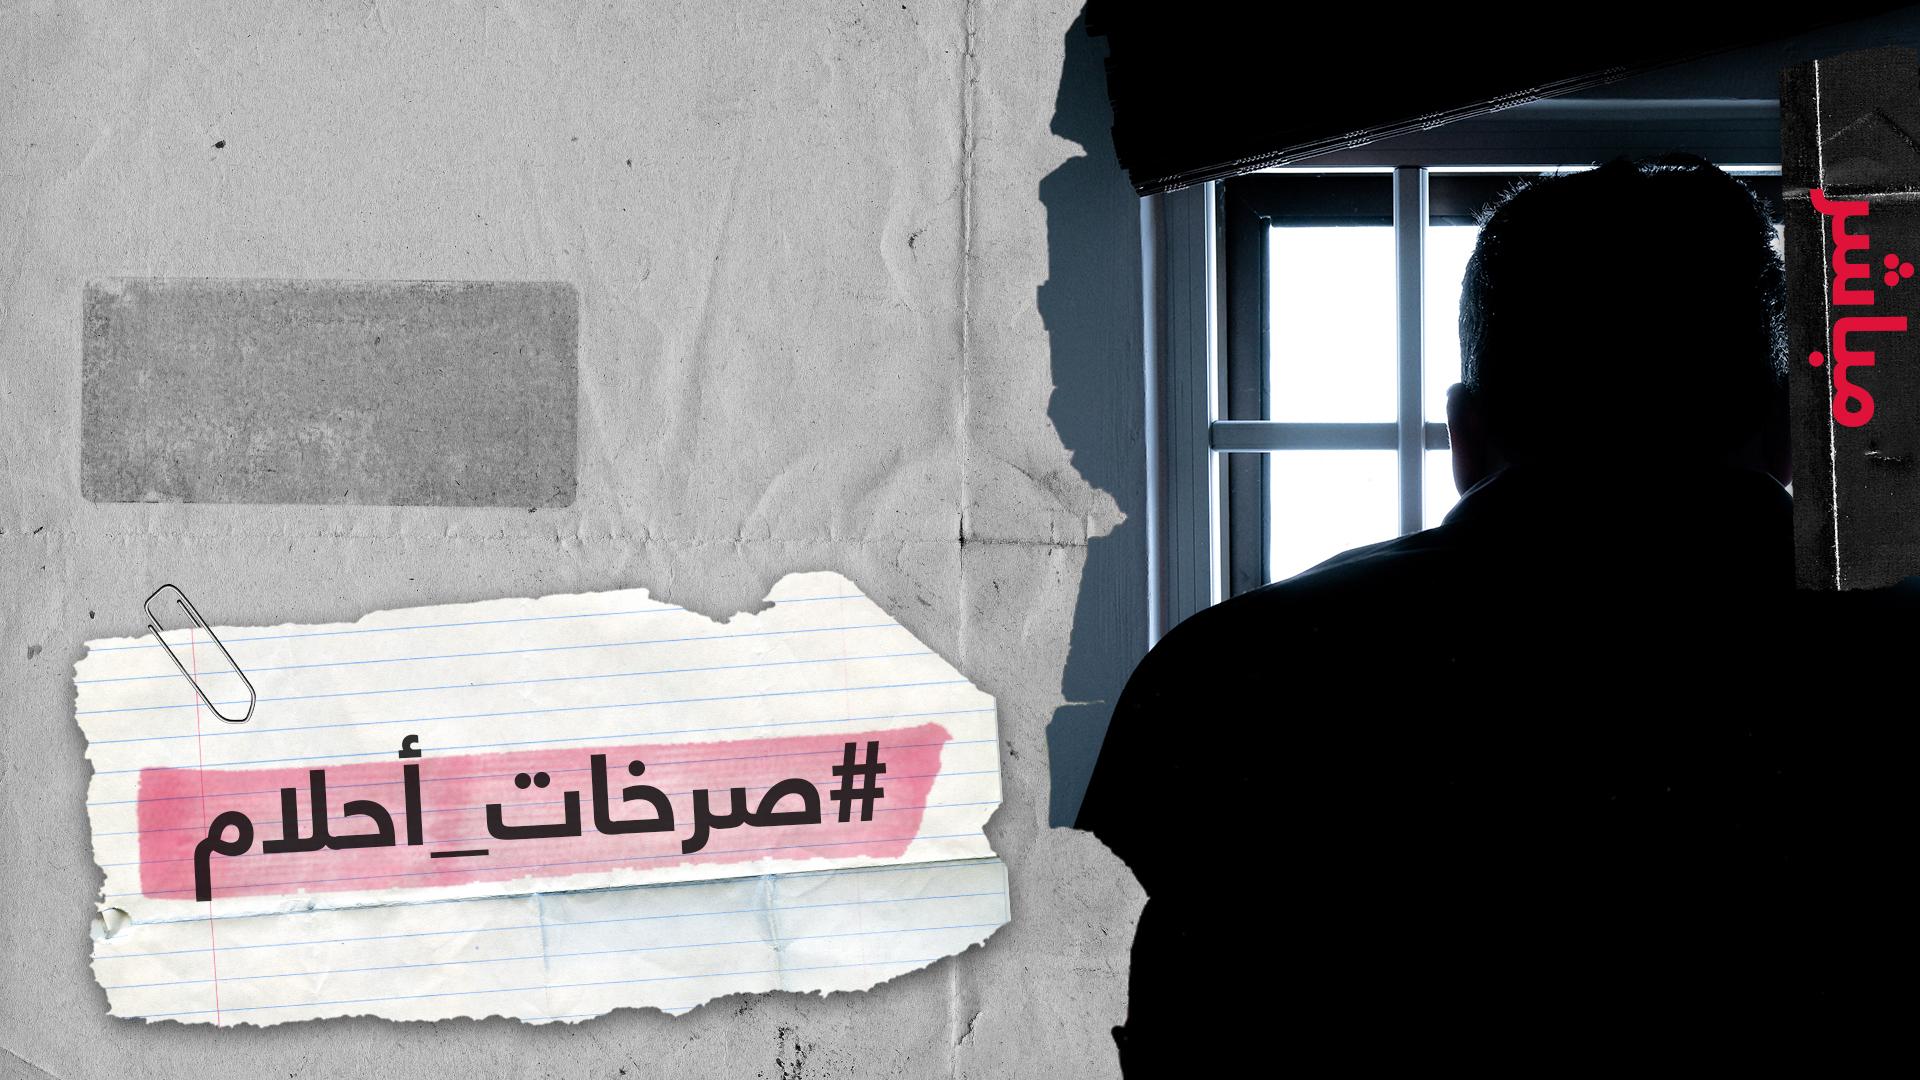 مقتل فتاة أردنية على يد والدها يعيد للأذهان حادثة إسراء غريّب